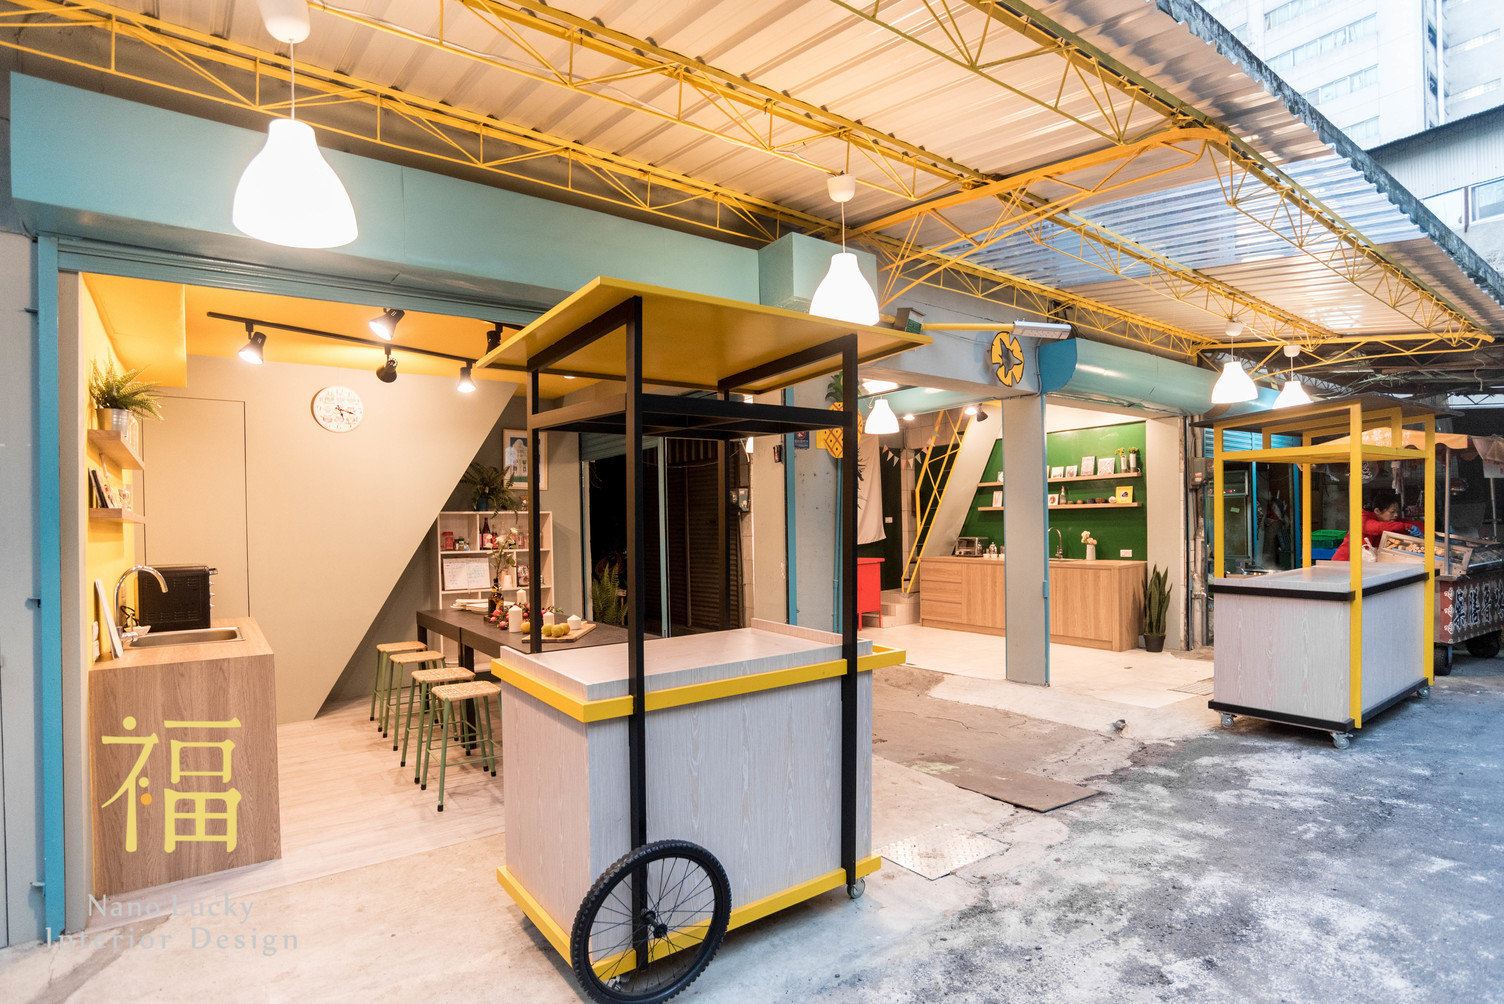 Nanolucky小福砌空間設計-鳳梨會社2.0-商空設計-社區再造-市場學堂